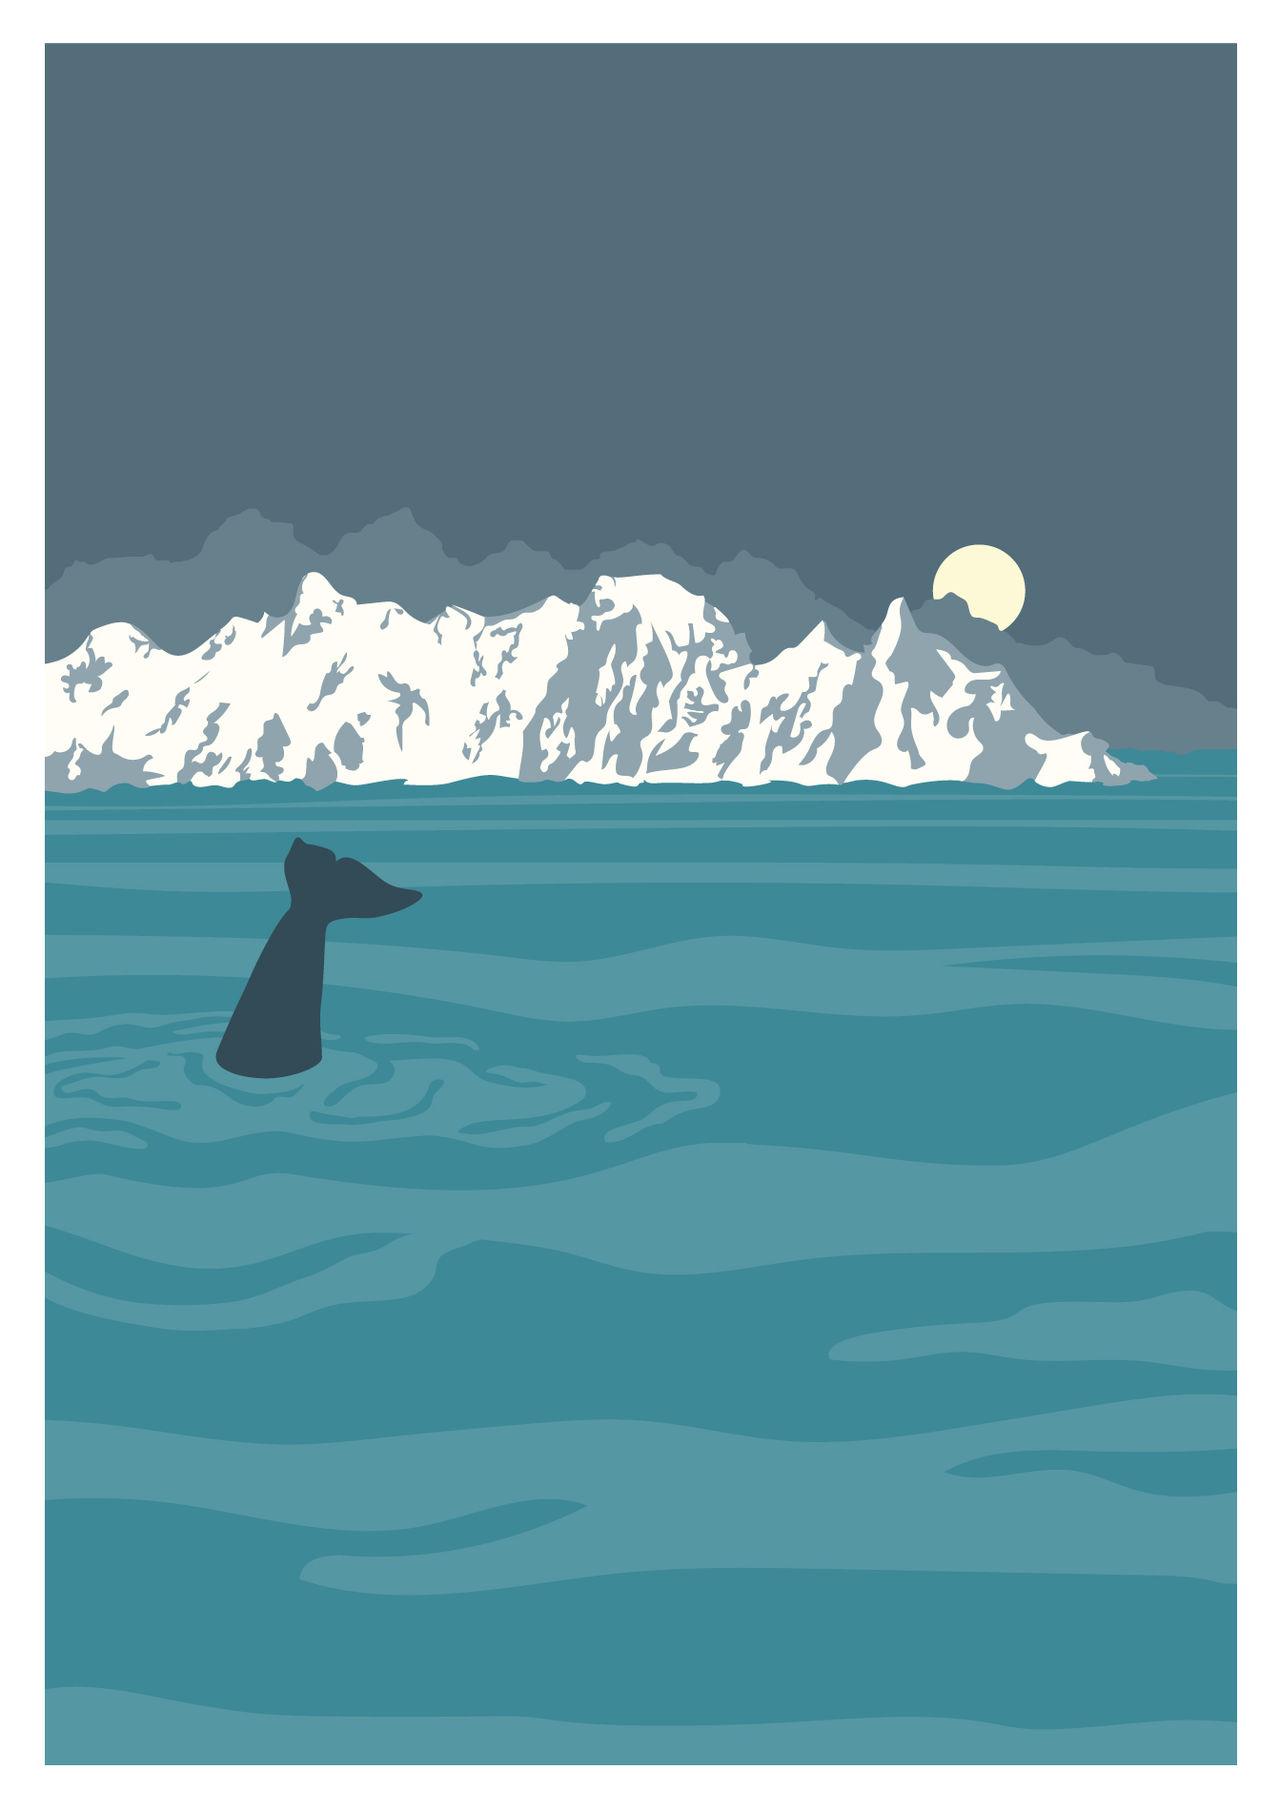 Ocean's Tale - Orca